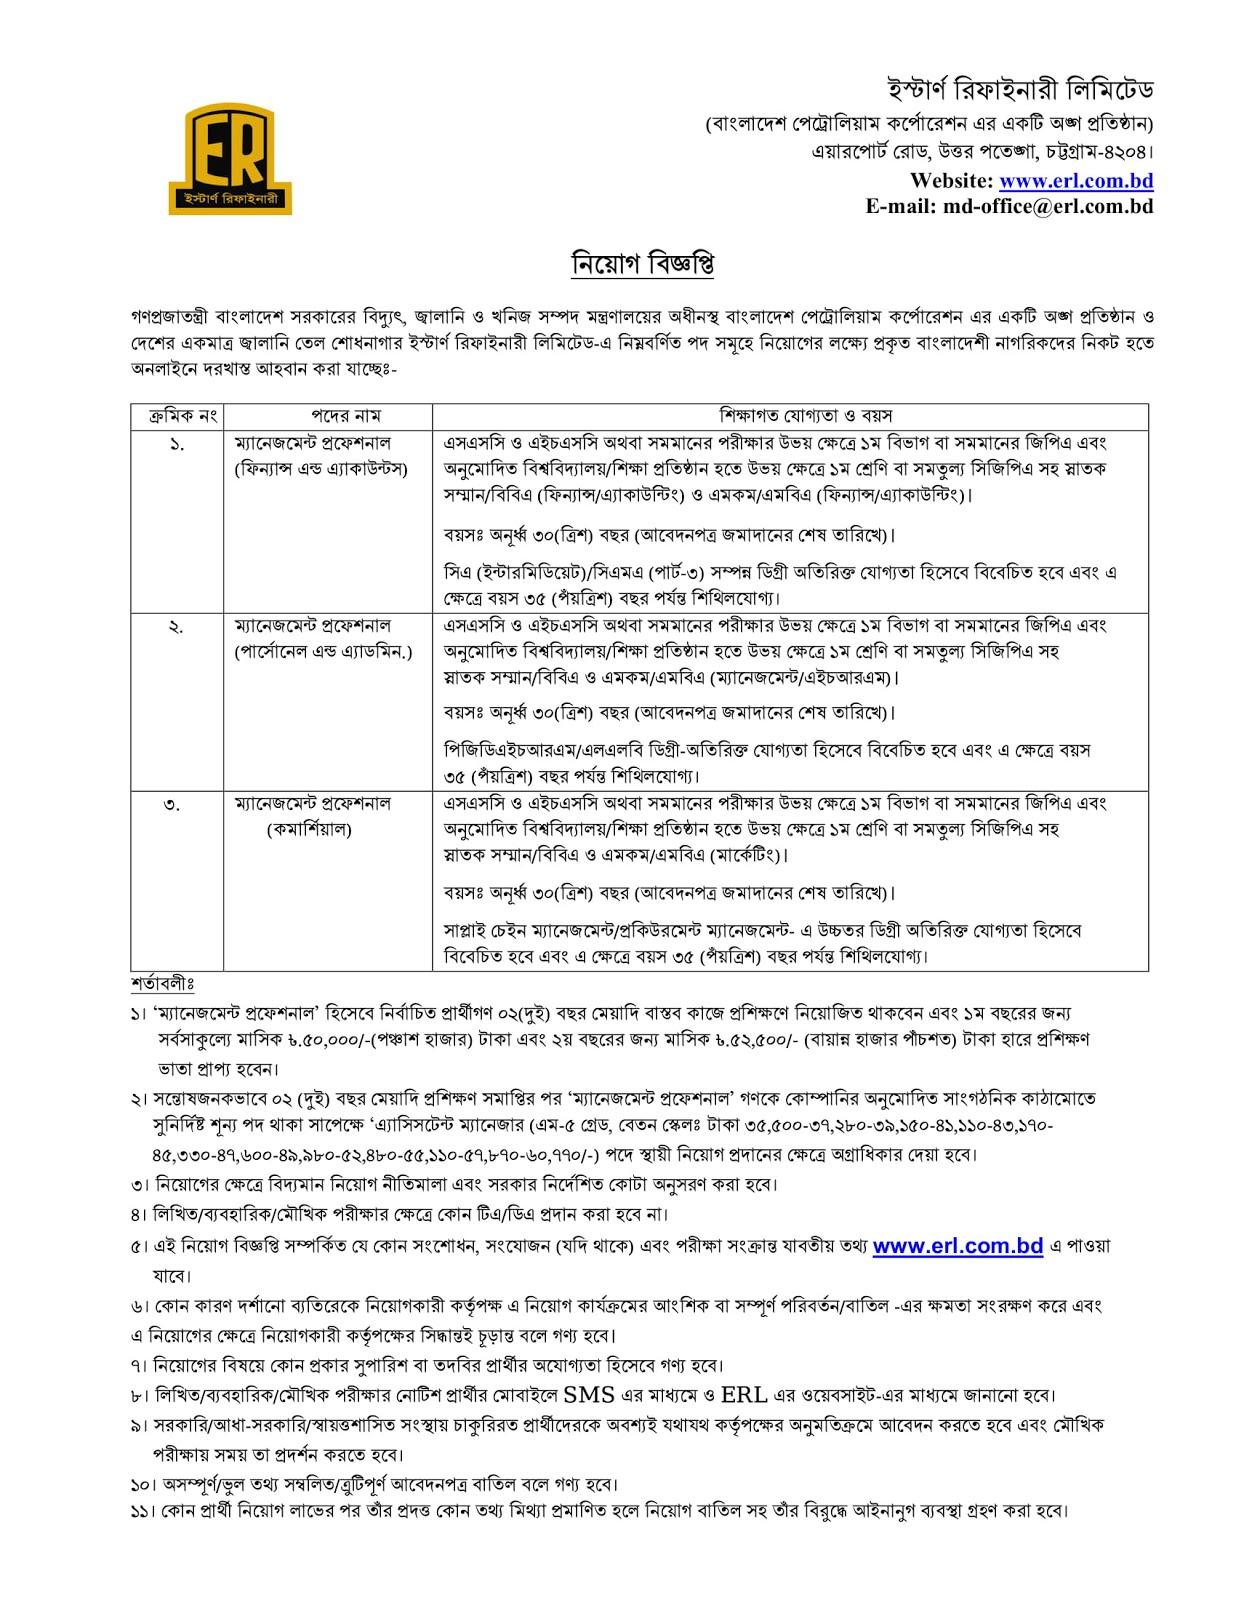 বাংলাদেশ পেট্রোলিয়াম কর্পোরেশন নিয়োগ বিজ্ঞপ্তি BPC Job Circular 2020